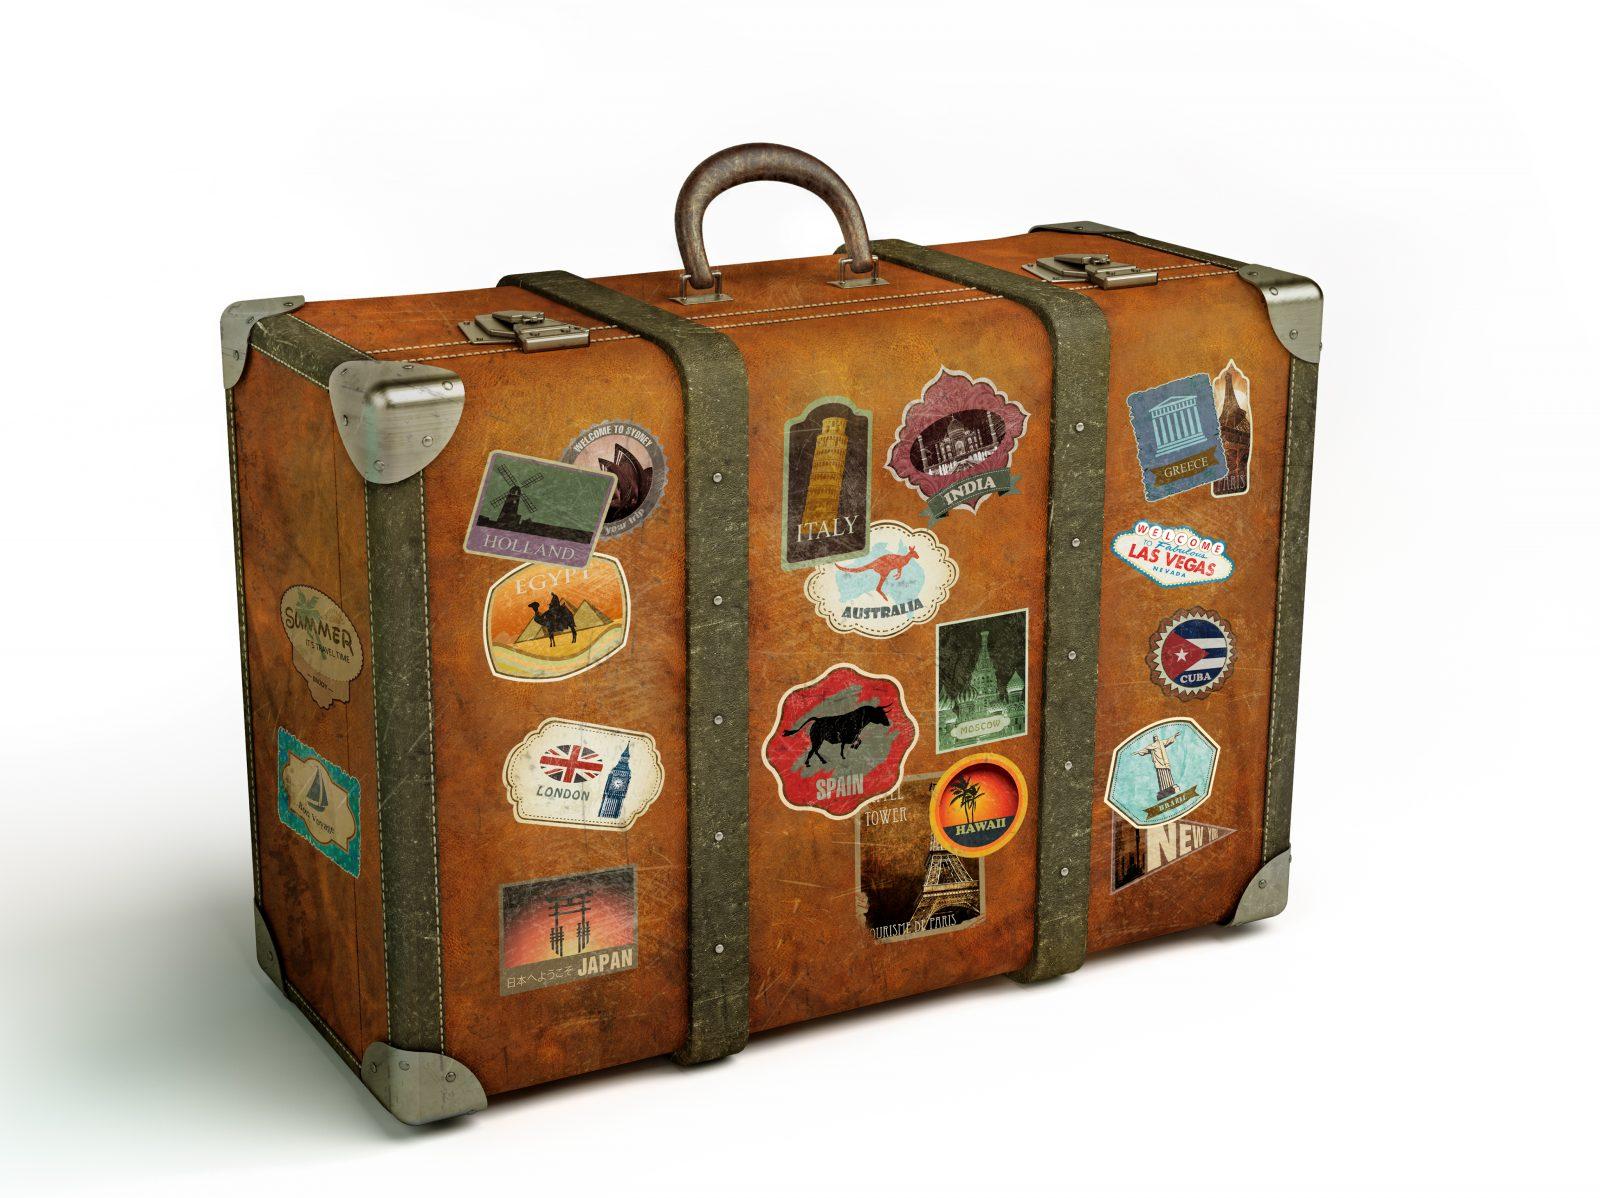 af166b2a Reisetips – Dette pakker jeg med i kofferten! – Med koffert og kamera